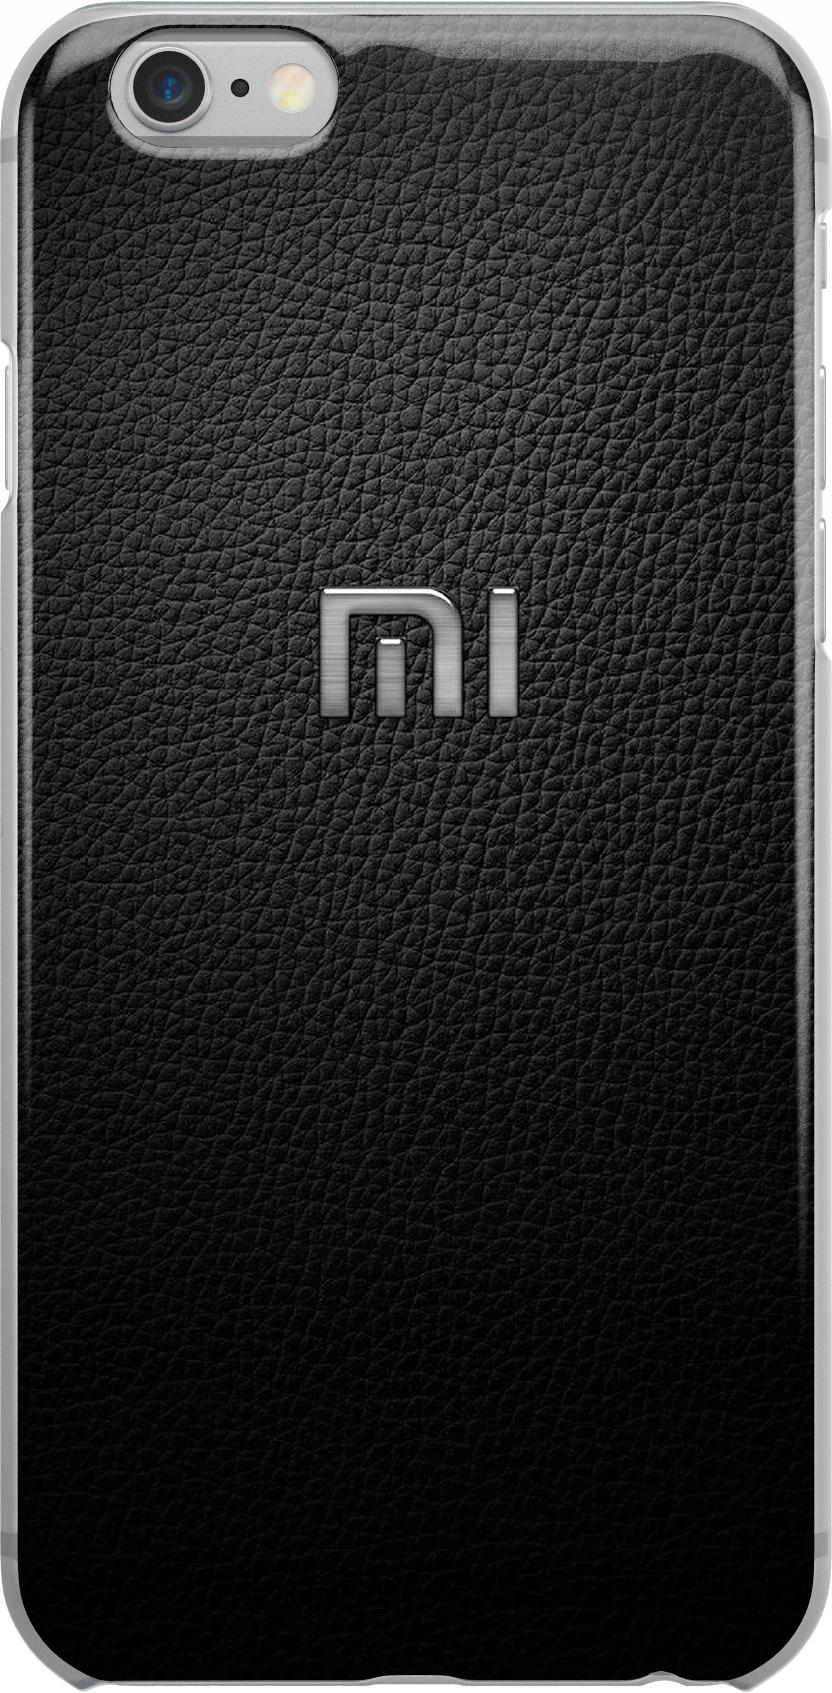 Etui Wzory Xiaomi Xiaomi Mi Max 3